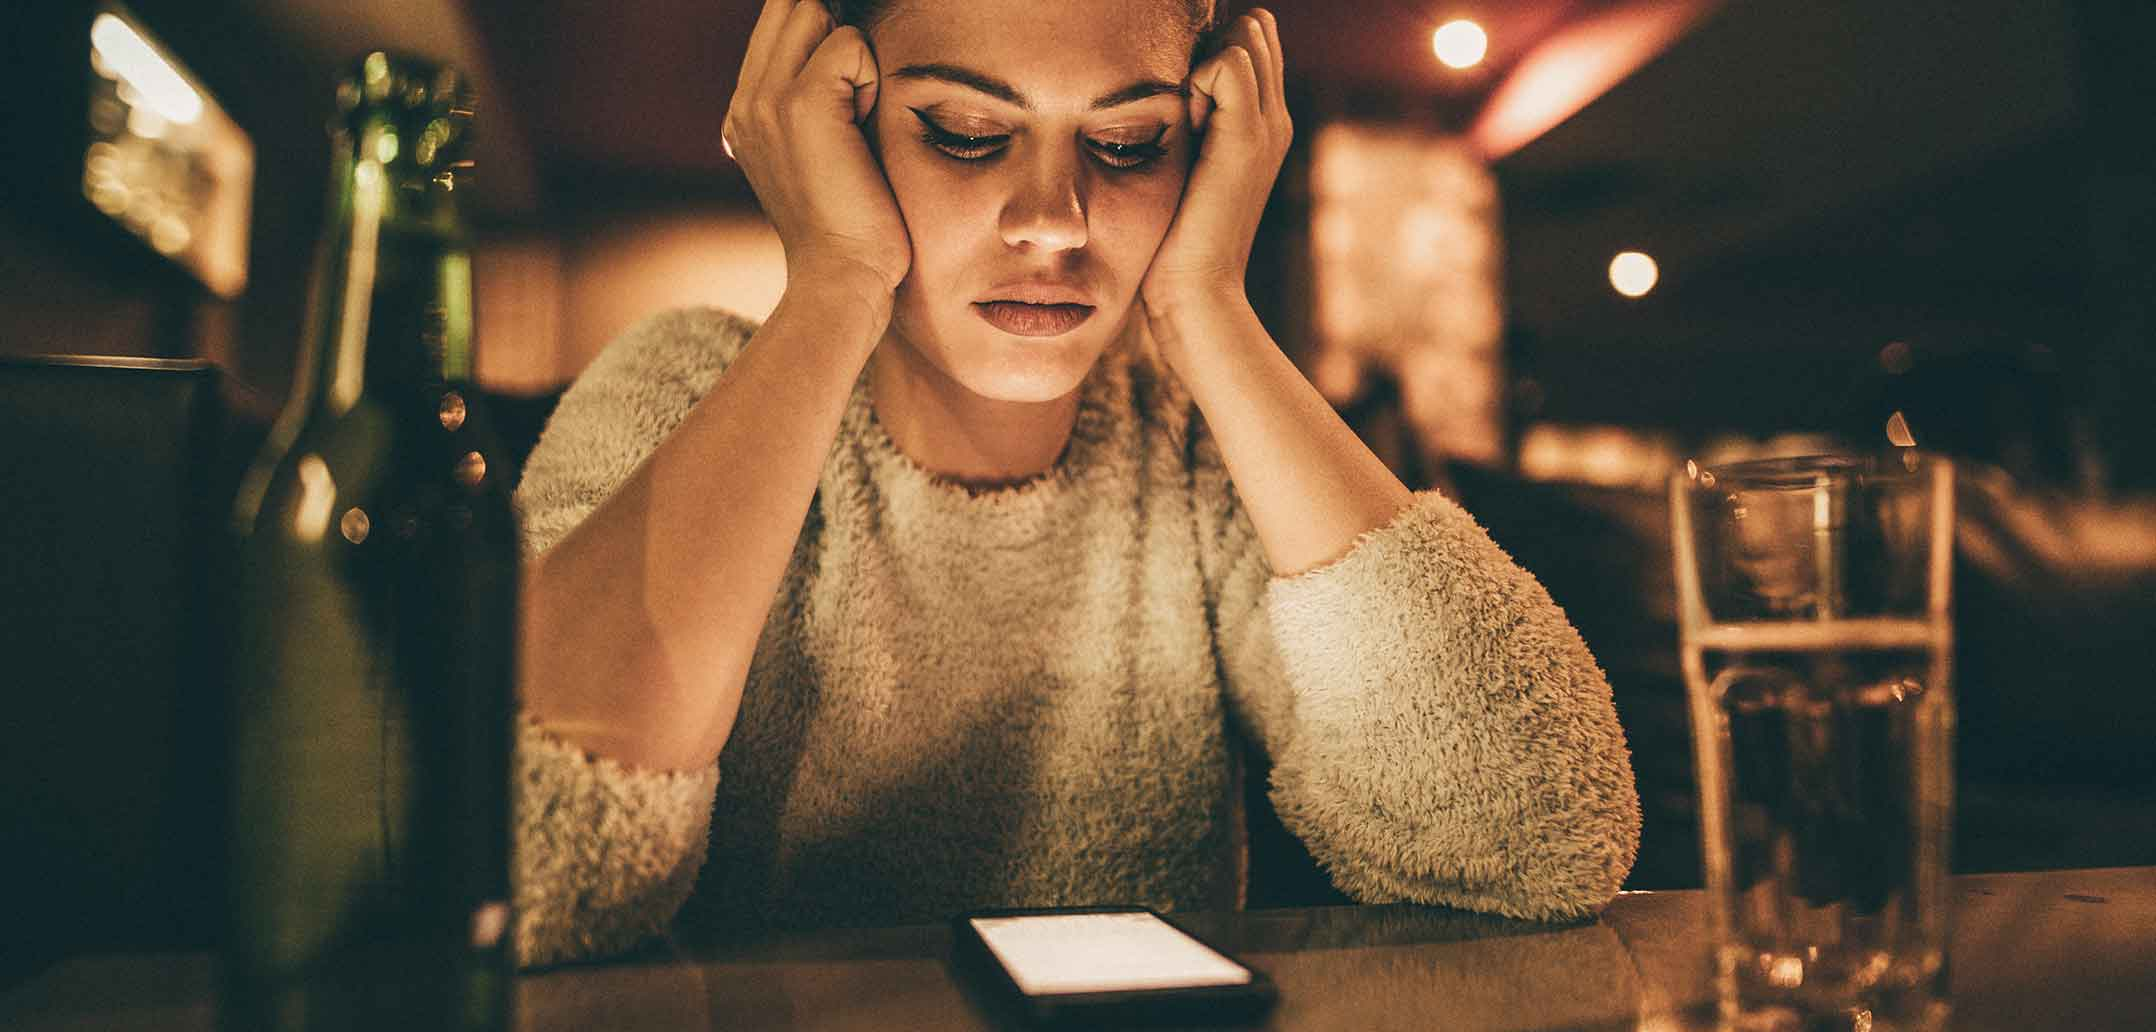 Frau guckt auf Handy